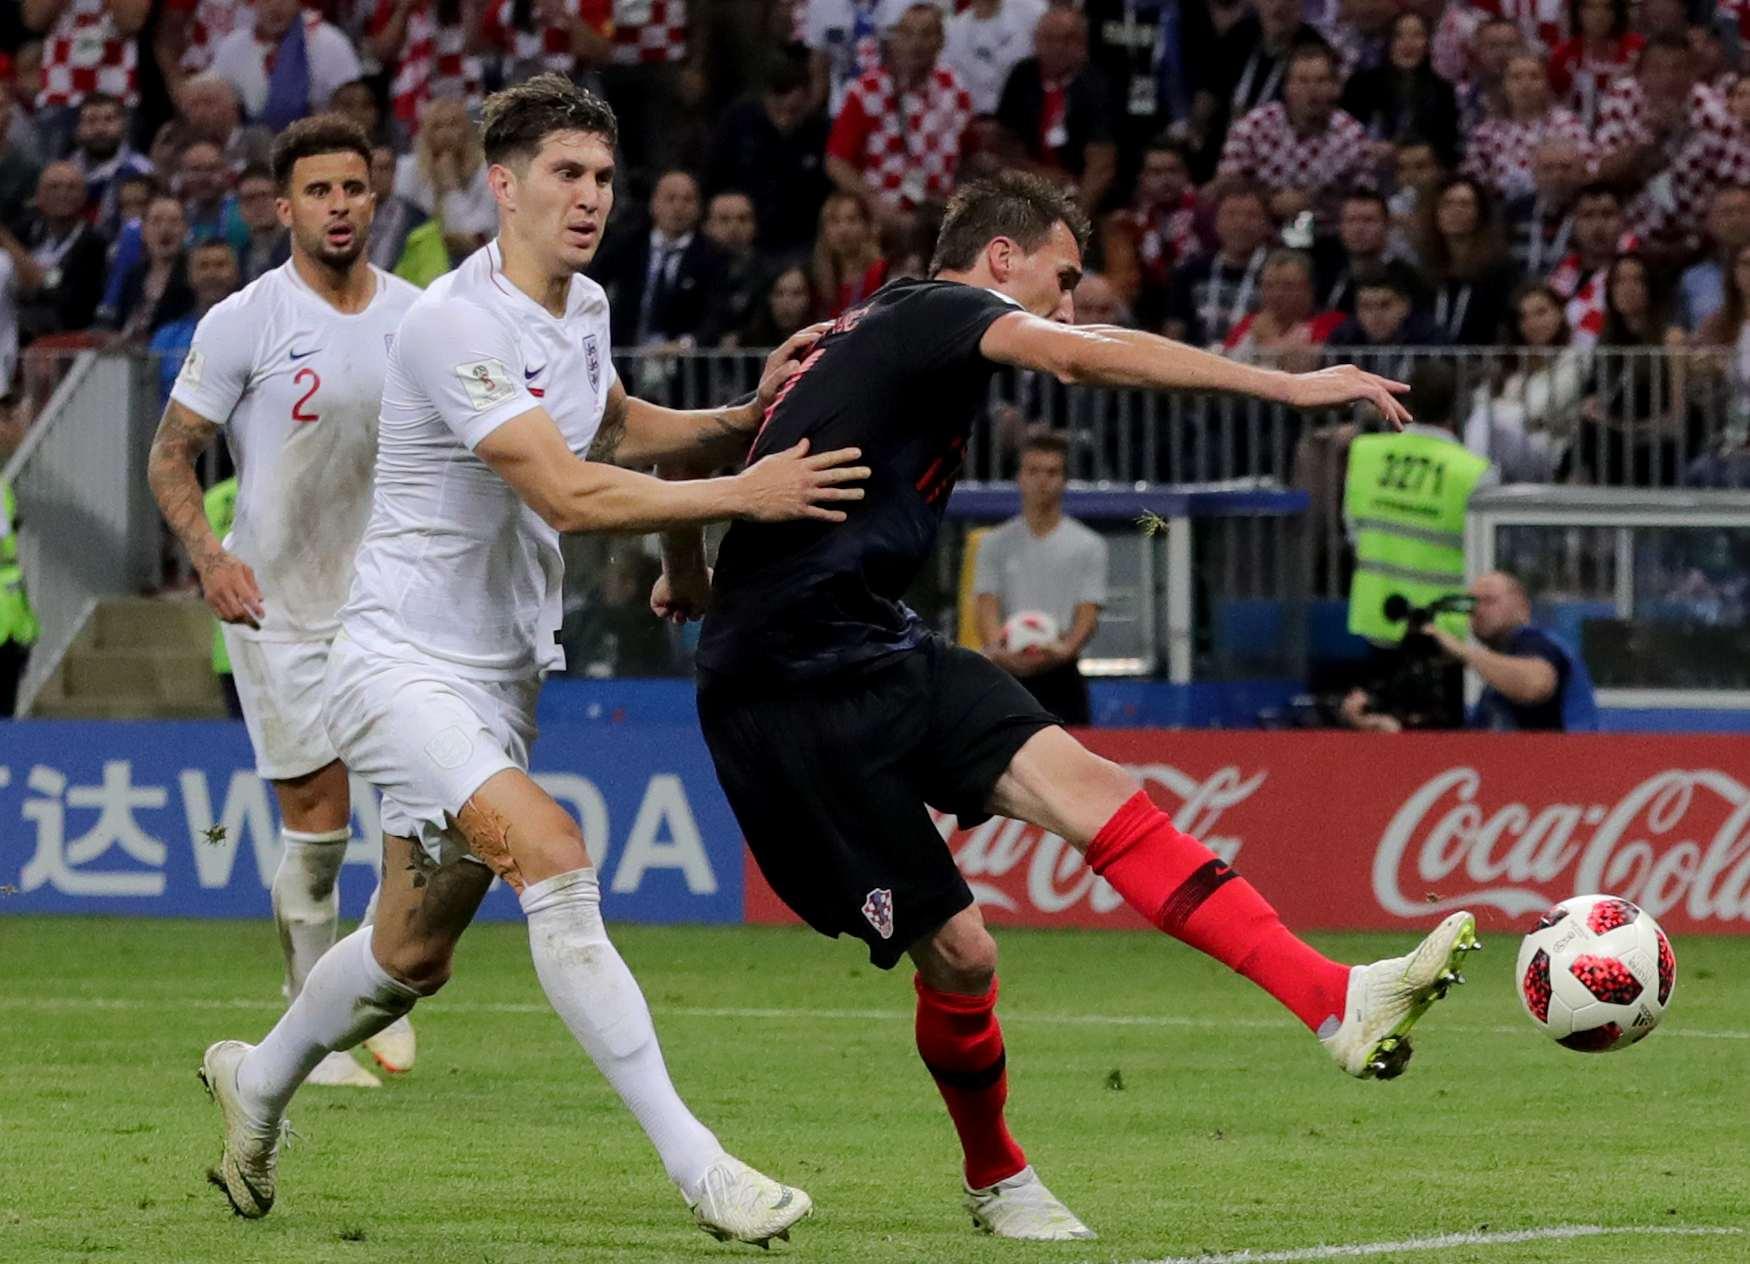 El equipo liderado por Luka Modrić venció a Inglaterra 2-1 sentenciando el encuentro en el minuto 109' de la prórroga